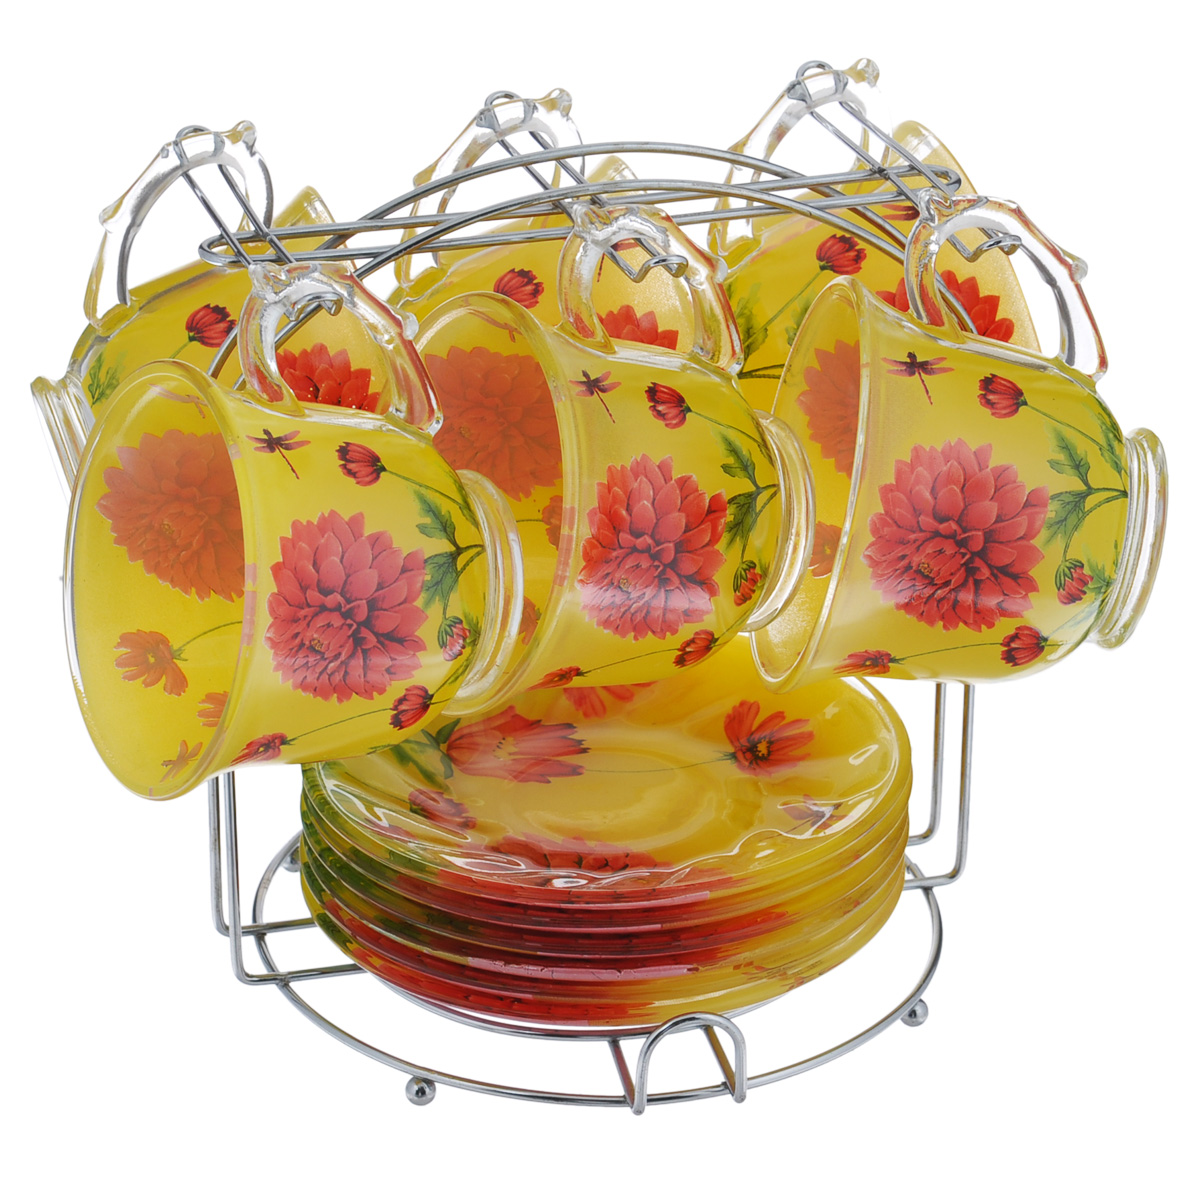 Набор чайный Bekker, 13 предметов. BK-5810115510Чайный набор Bekker состоит из шести чашек и шести блюдец. Предметы набора изготовлены из высококачественного жаропрочного стекла и оформлены красочным цветочным рисунком. Блюдца круглой формы. В комплекте - металлическая хромированная подставка с шестью крючками для подвешивания кружек и подставкой для блюдец.Чайный набор яркого и в тоже время лаконичного дизайна украсит интерьер кухни и сделает ежедневное чаепитие настоящим праздником. Подходит для мытья в посудомоечной машине. Объем чашки: 220 мл. Диаметр чашки (по верхнему краю): 9 см. Высота чашки: 7,5 см. Диаметр блюдца: 13,8 см. Размер подставки: 18 см х 18 см х 19,5 см.